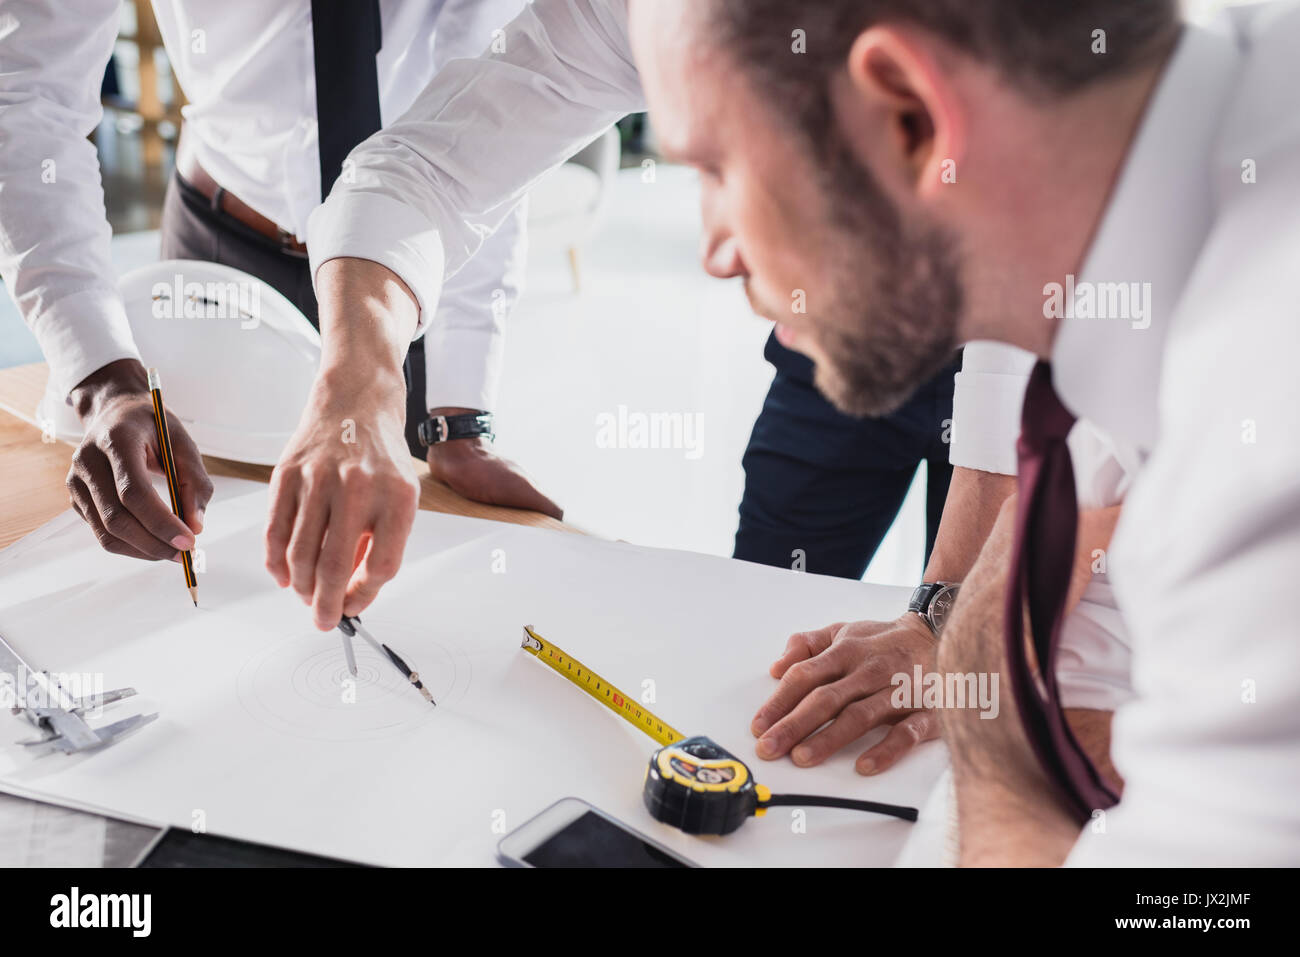 Team di architetti che lavorano a pianificare insieme in un ufficio moderno Immagini Stock